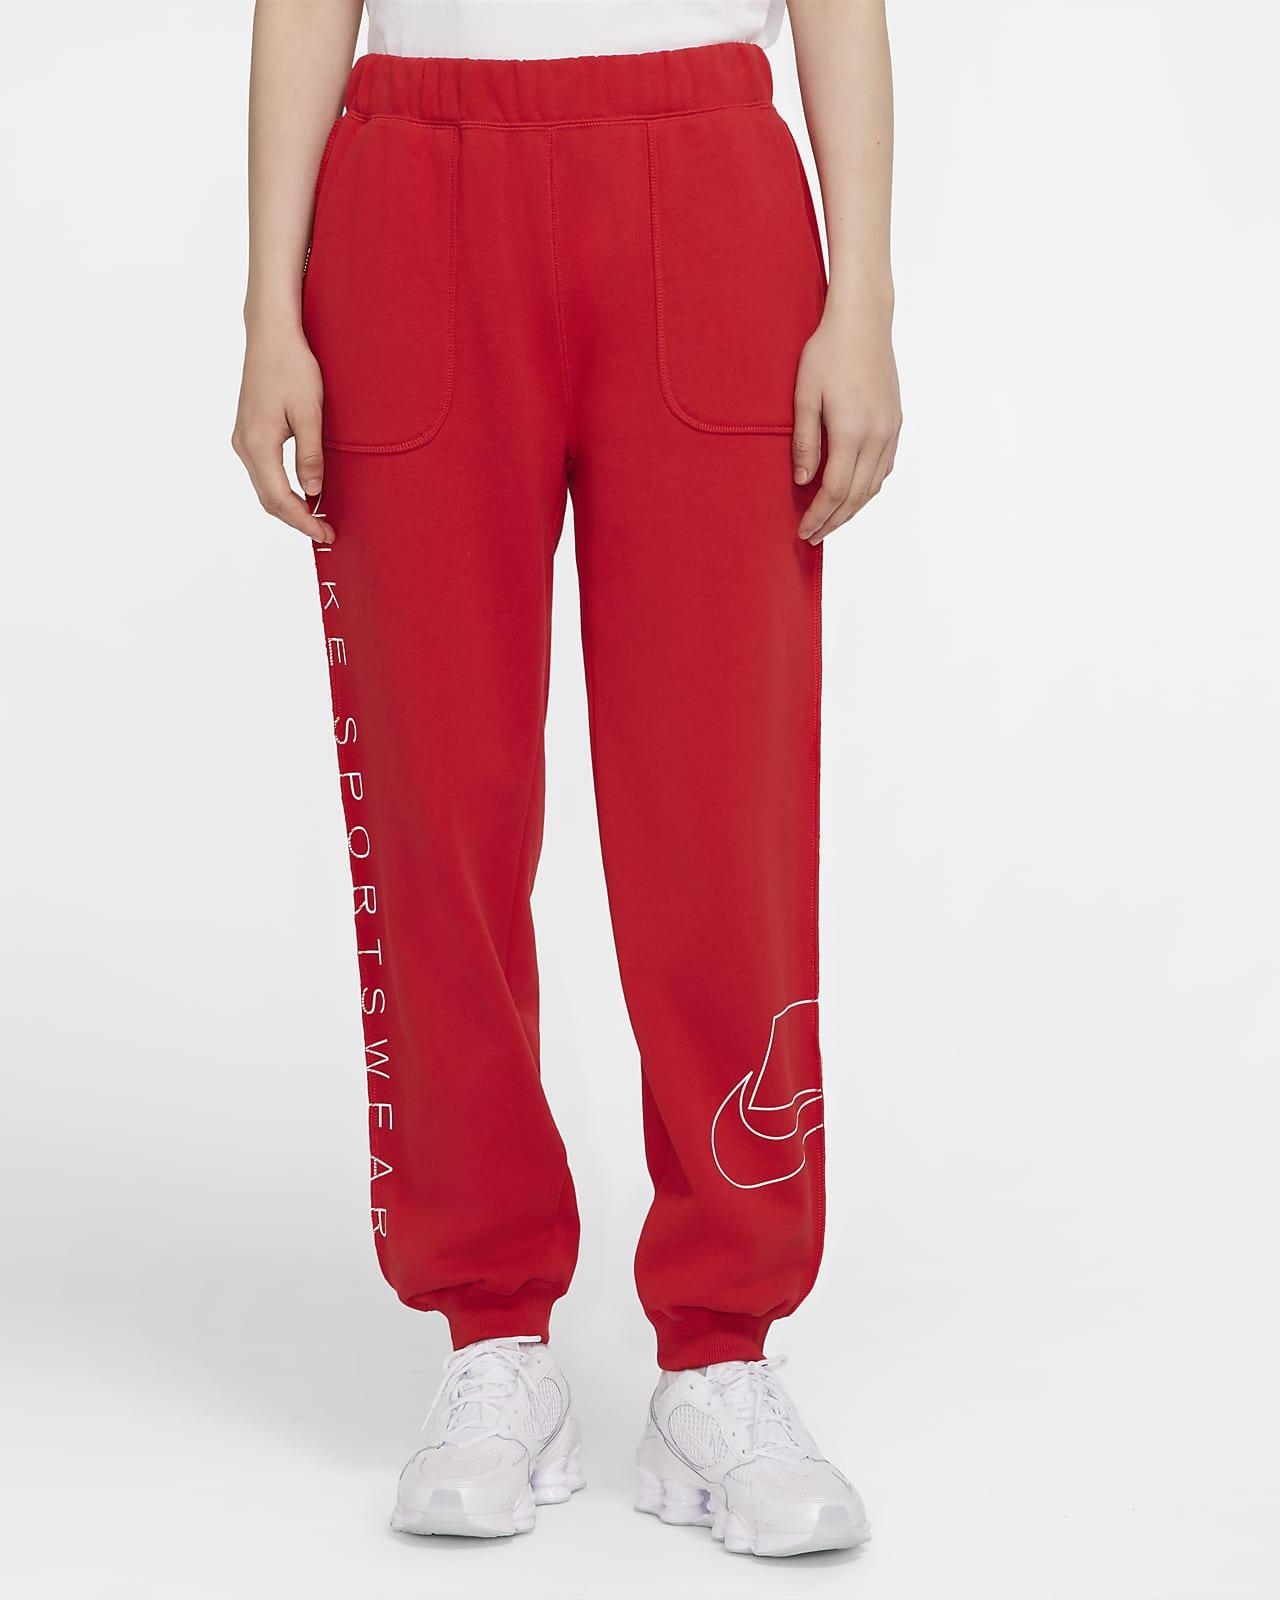 Pantalon en tissu Fleece Nike Sportswear NSW pour Femme